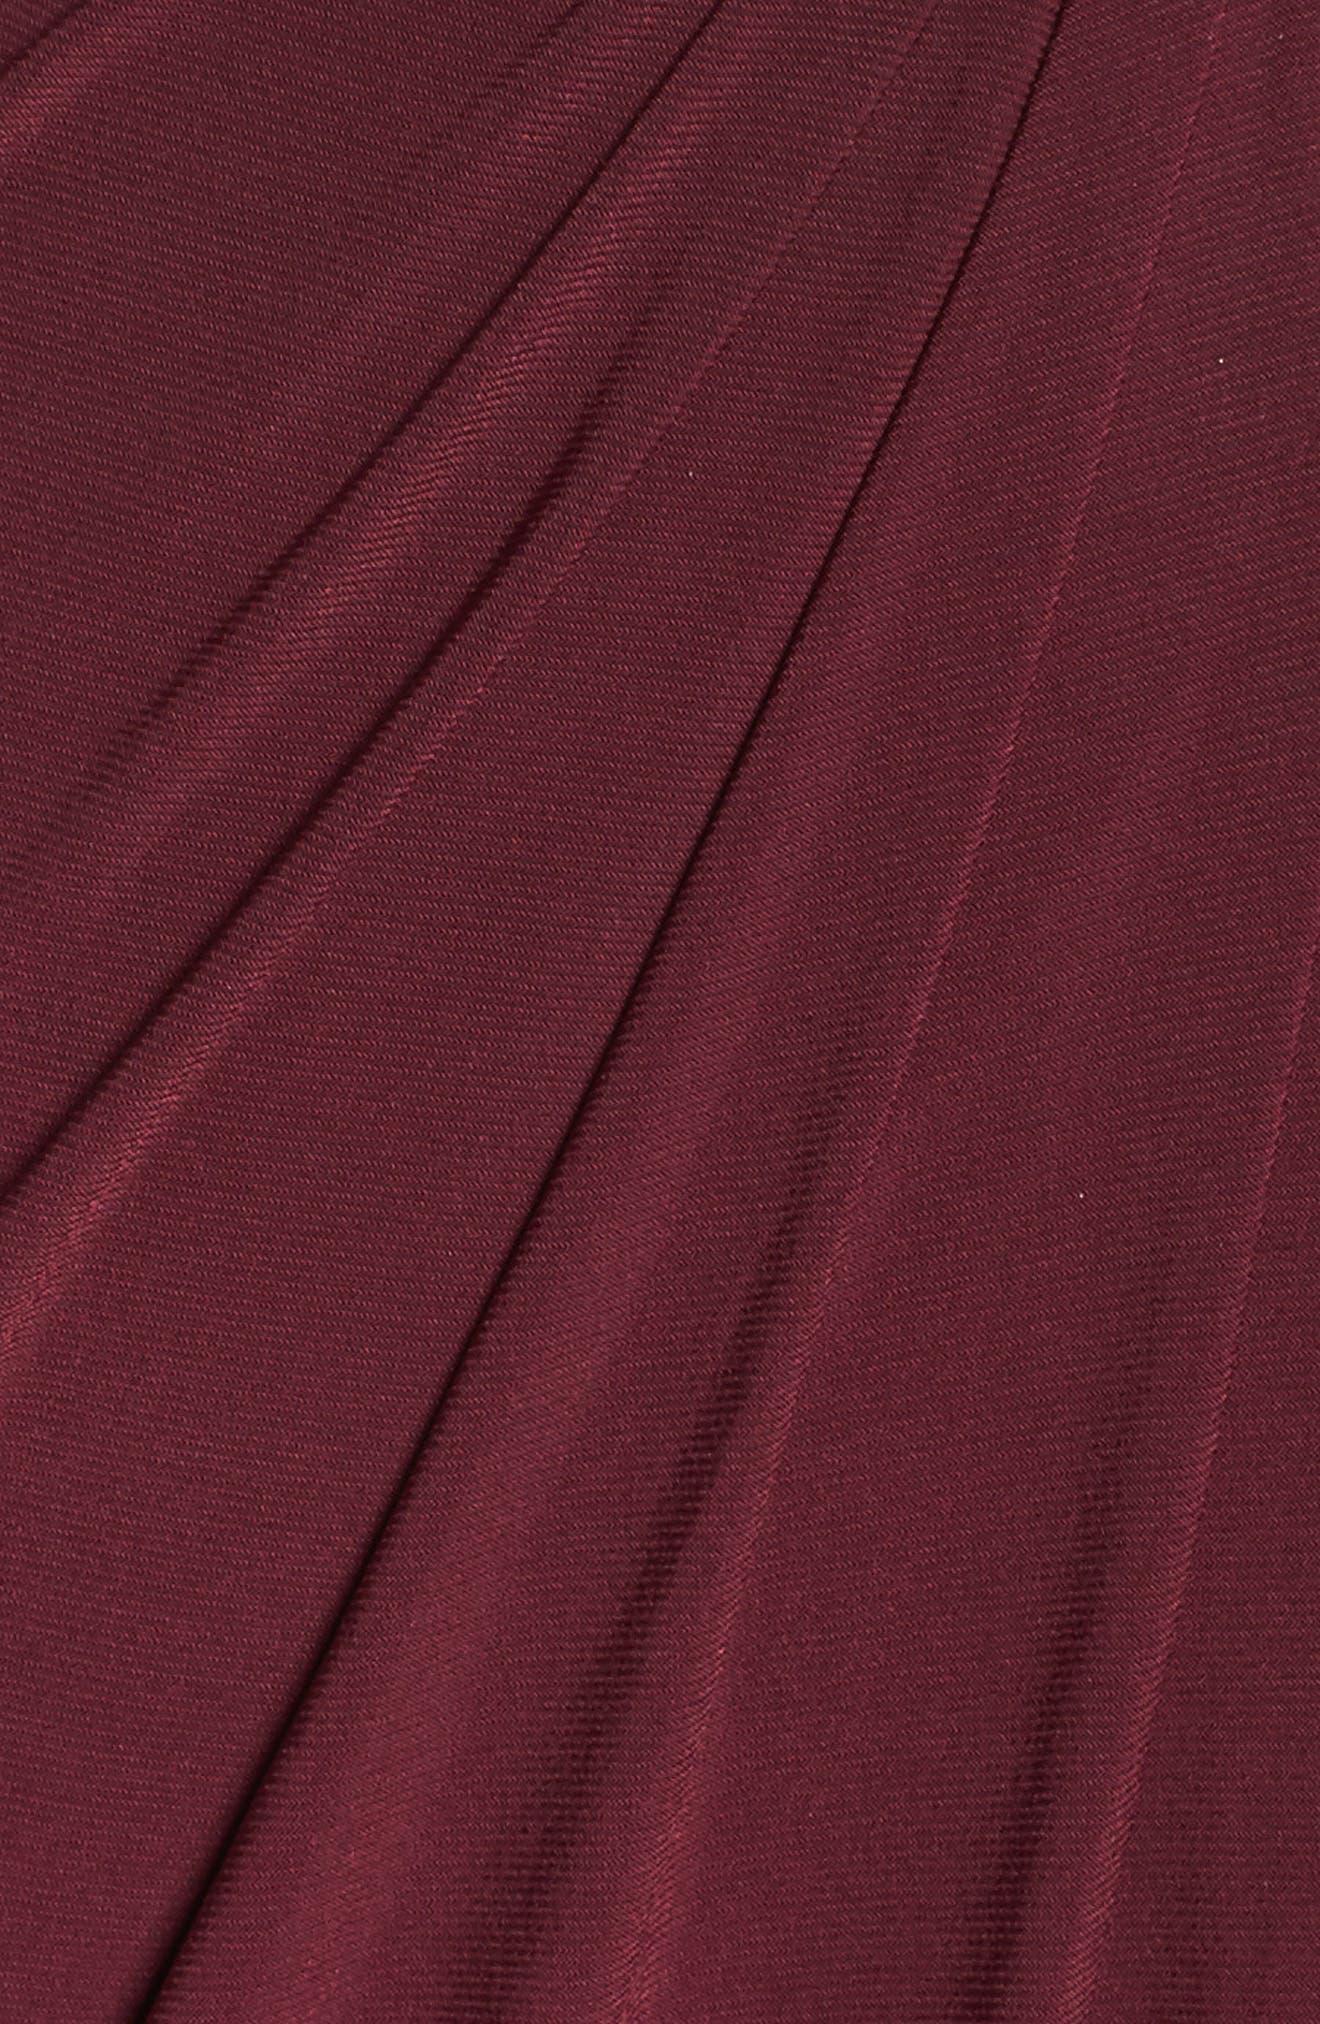 Embellished Shoulder Jersey Gown,                             Alternate thumbnail 5, color,                             BURGUNDY